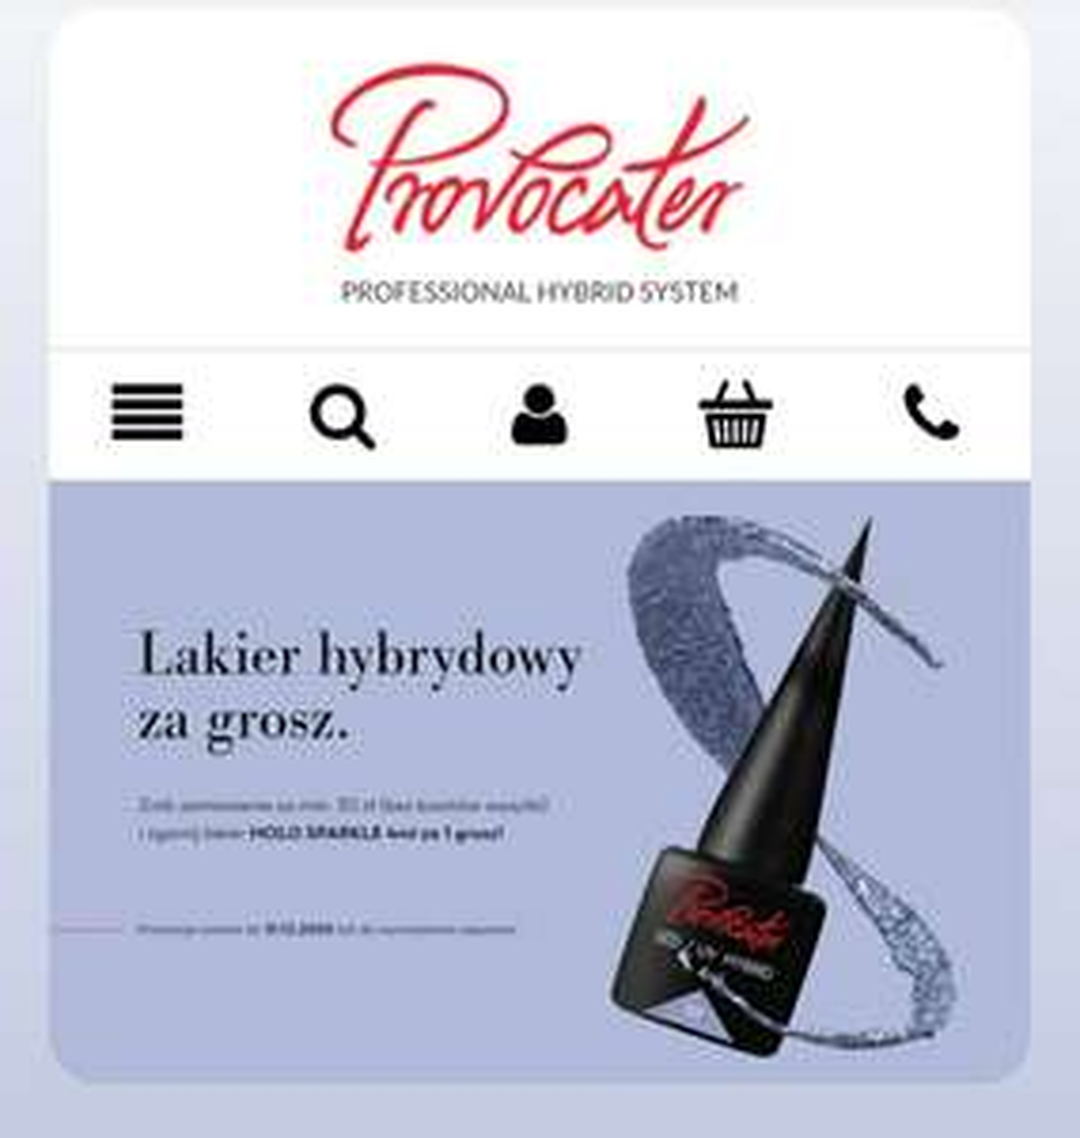 Lakier hybrydowy za 1 grosz, przy MWZ 30 zł. (Bez kosztów wysyłki)